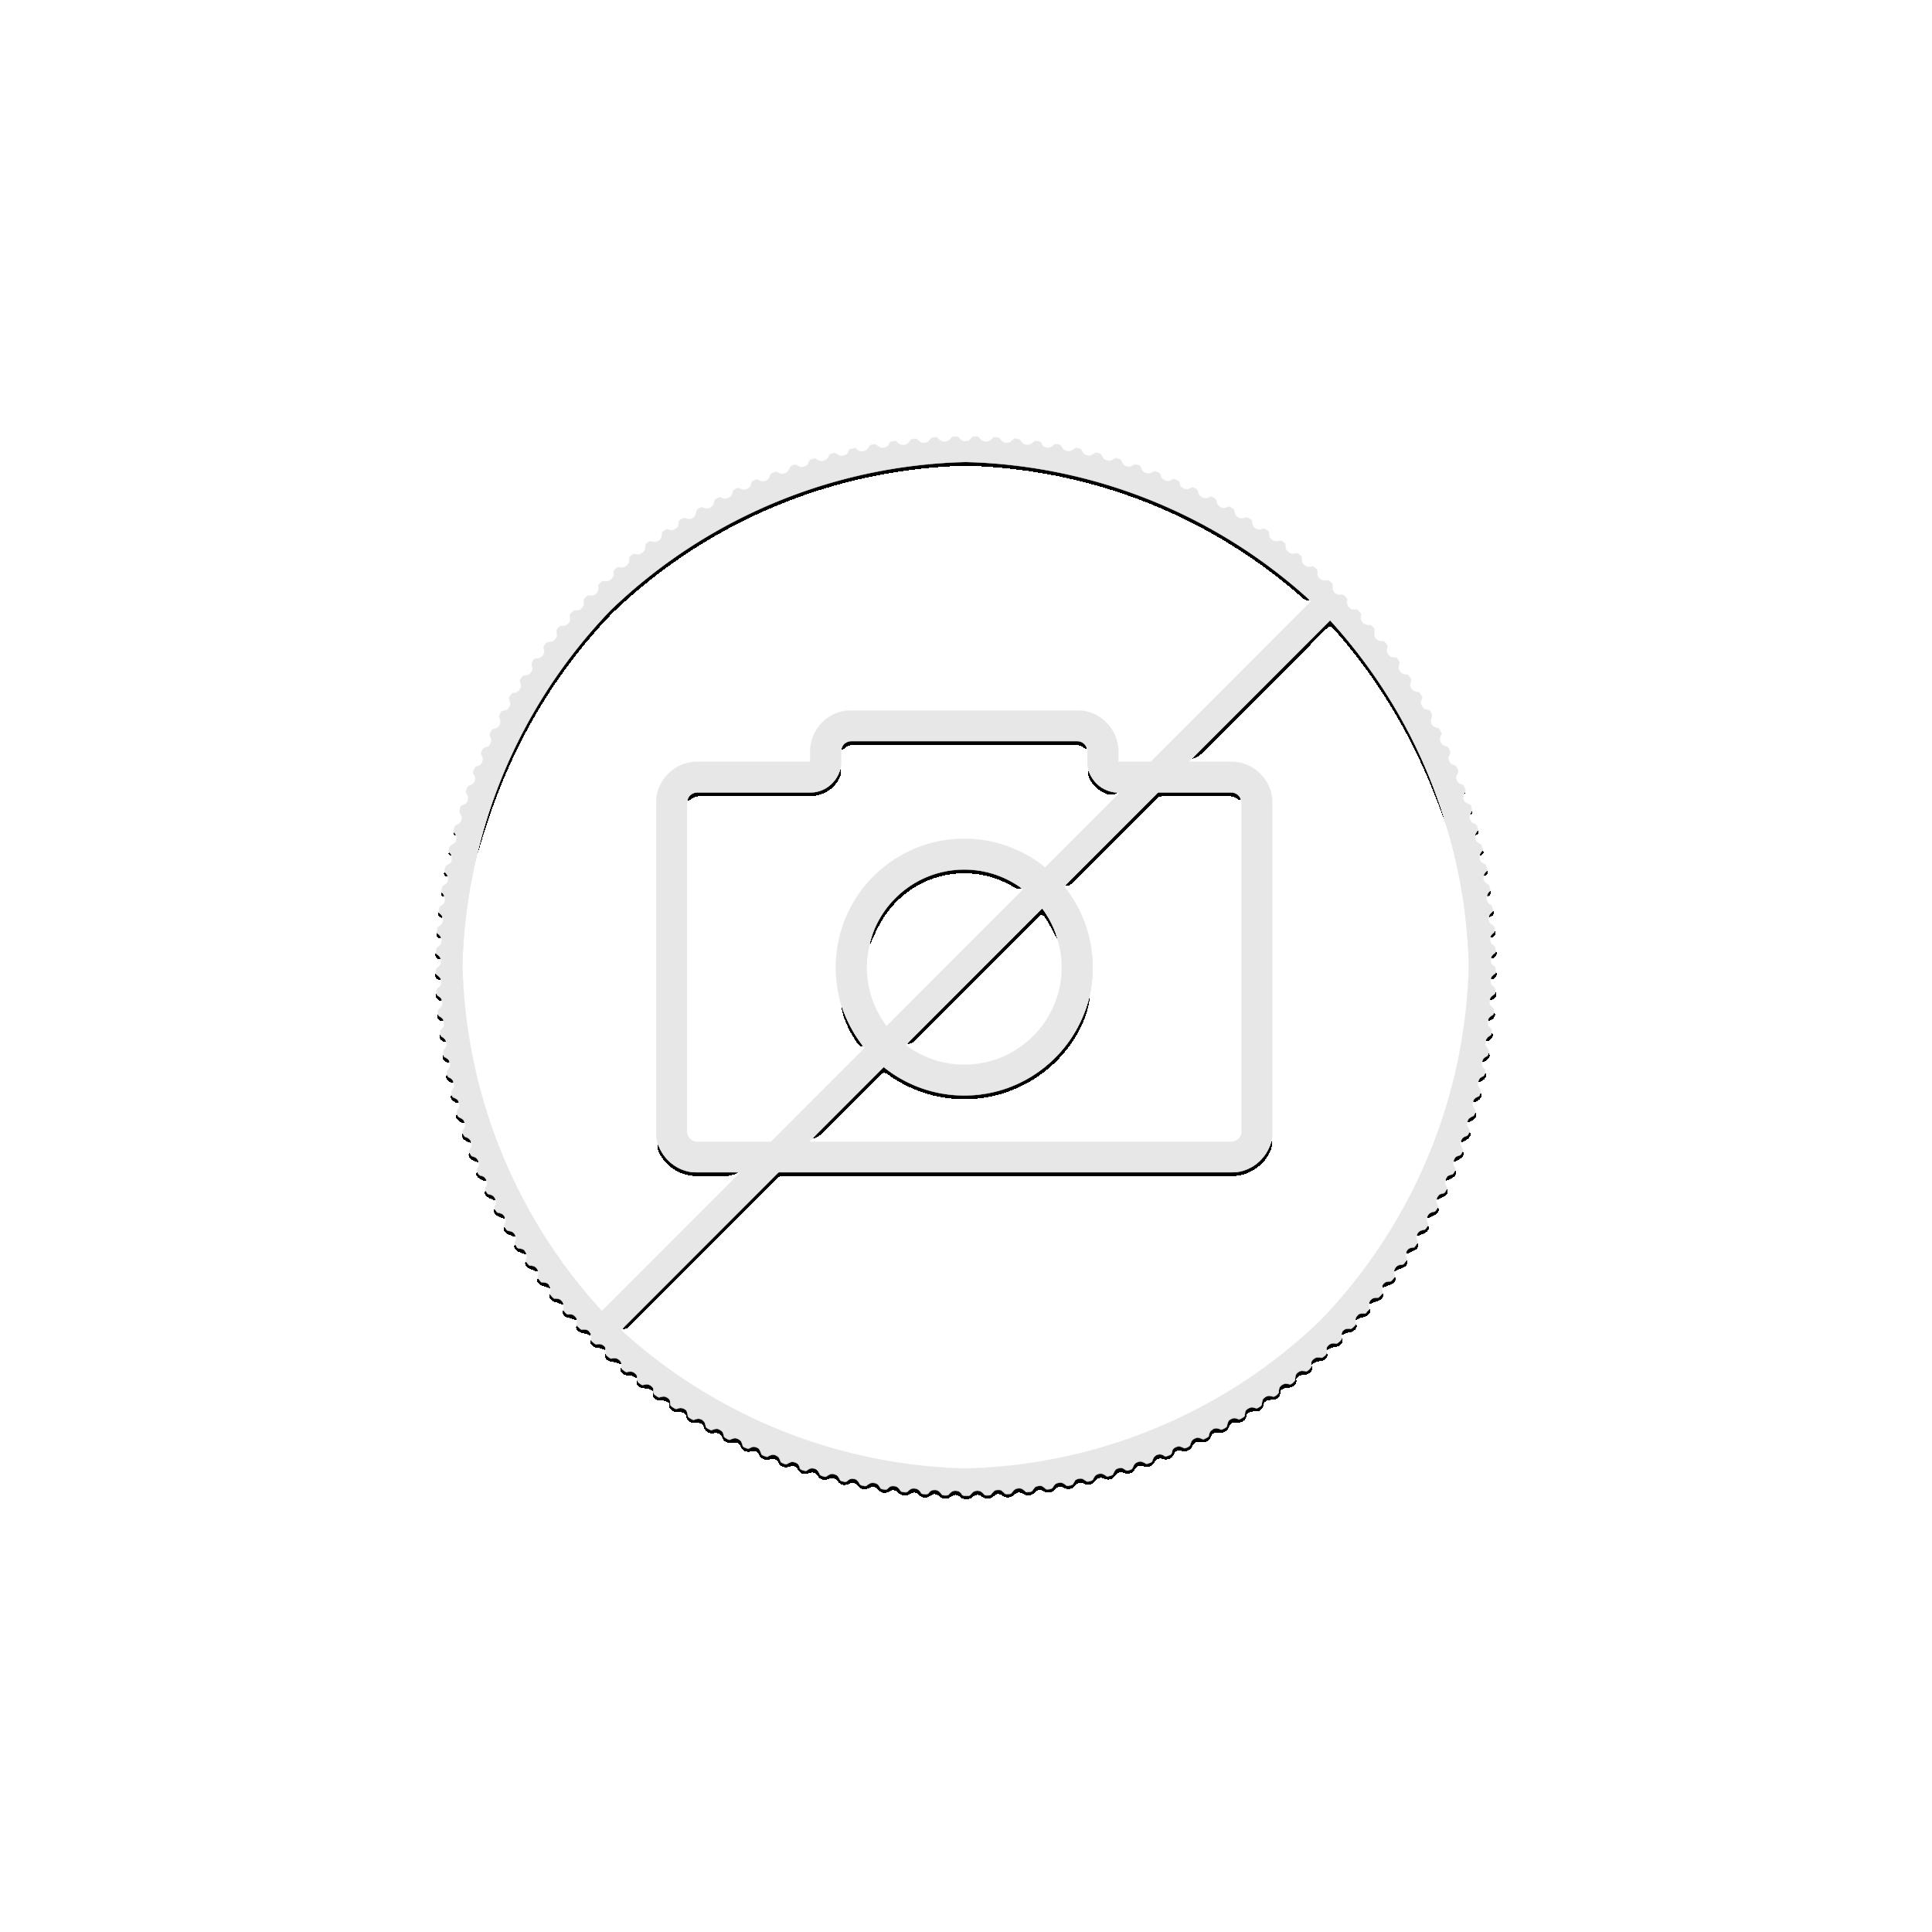 5 Troy ounce zilver Lunar munt 2017 - jaar van de haan